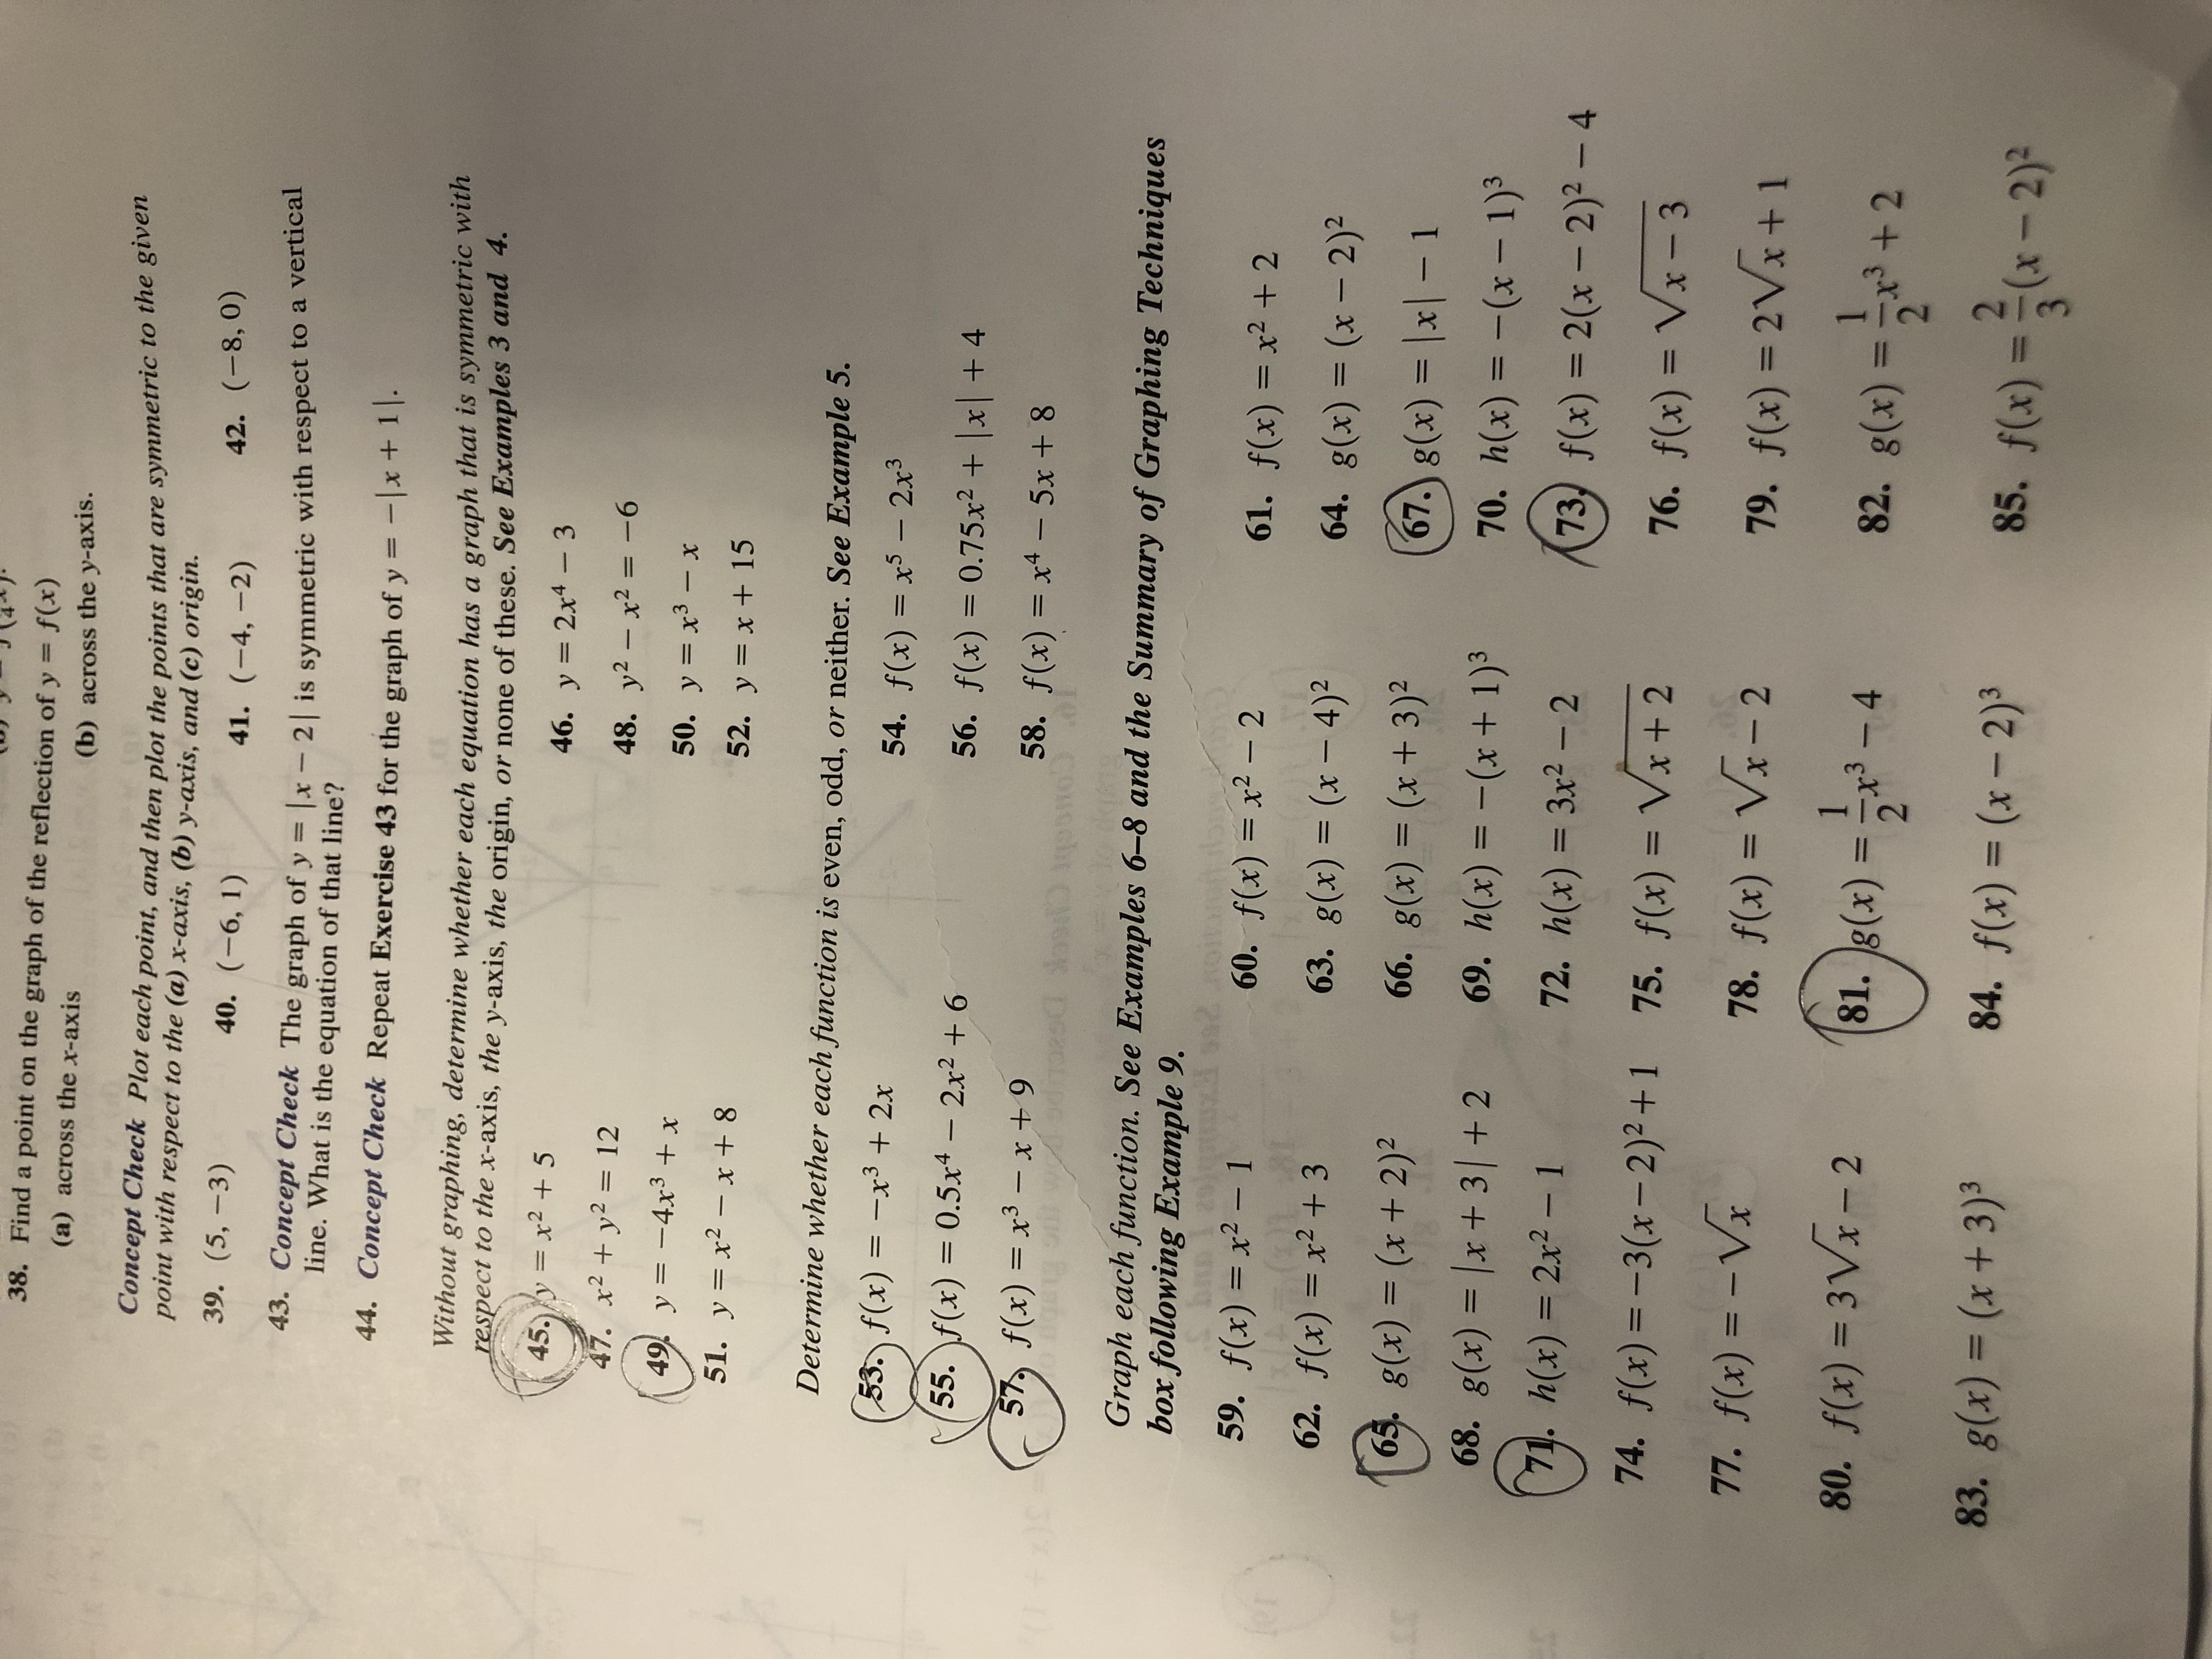 Answered 0 2 2 2 2 2 2 E D F 2